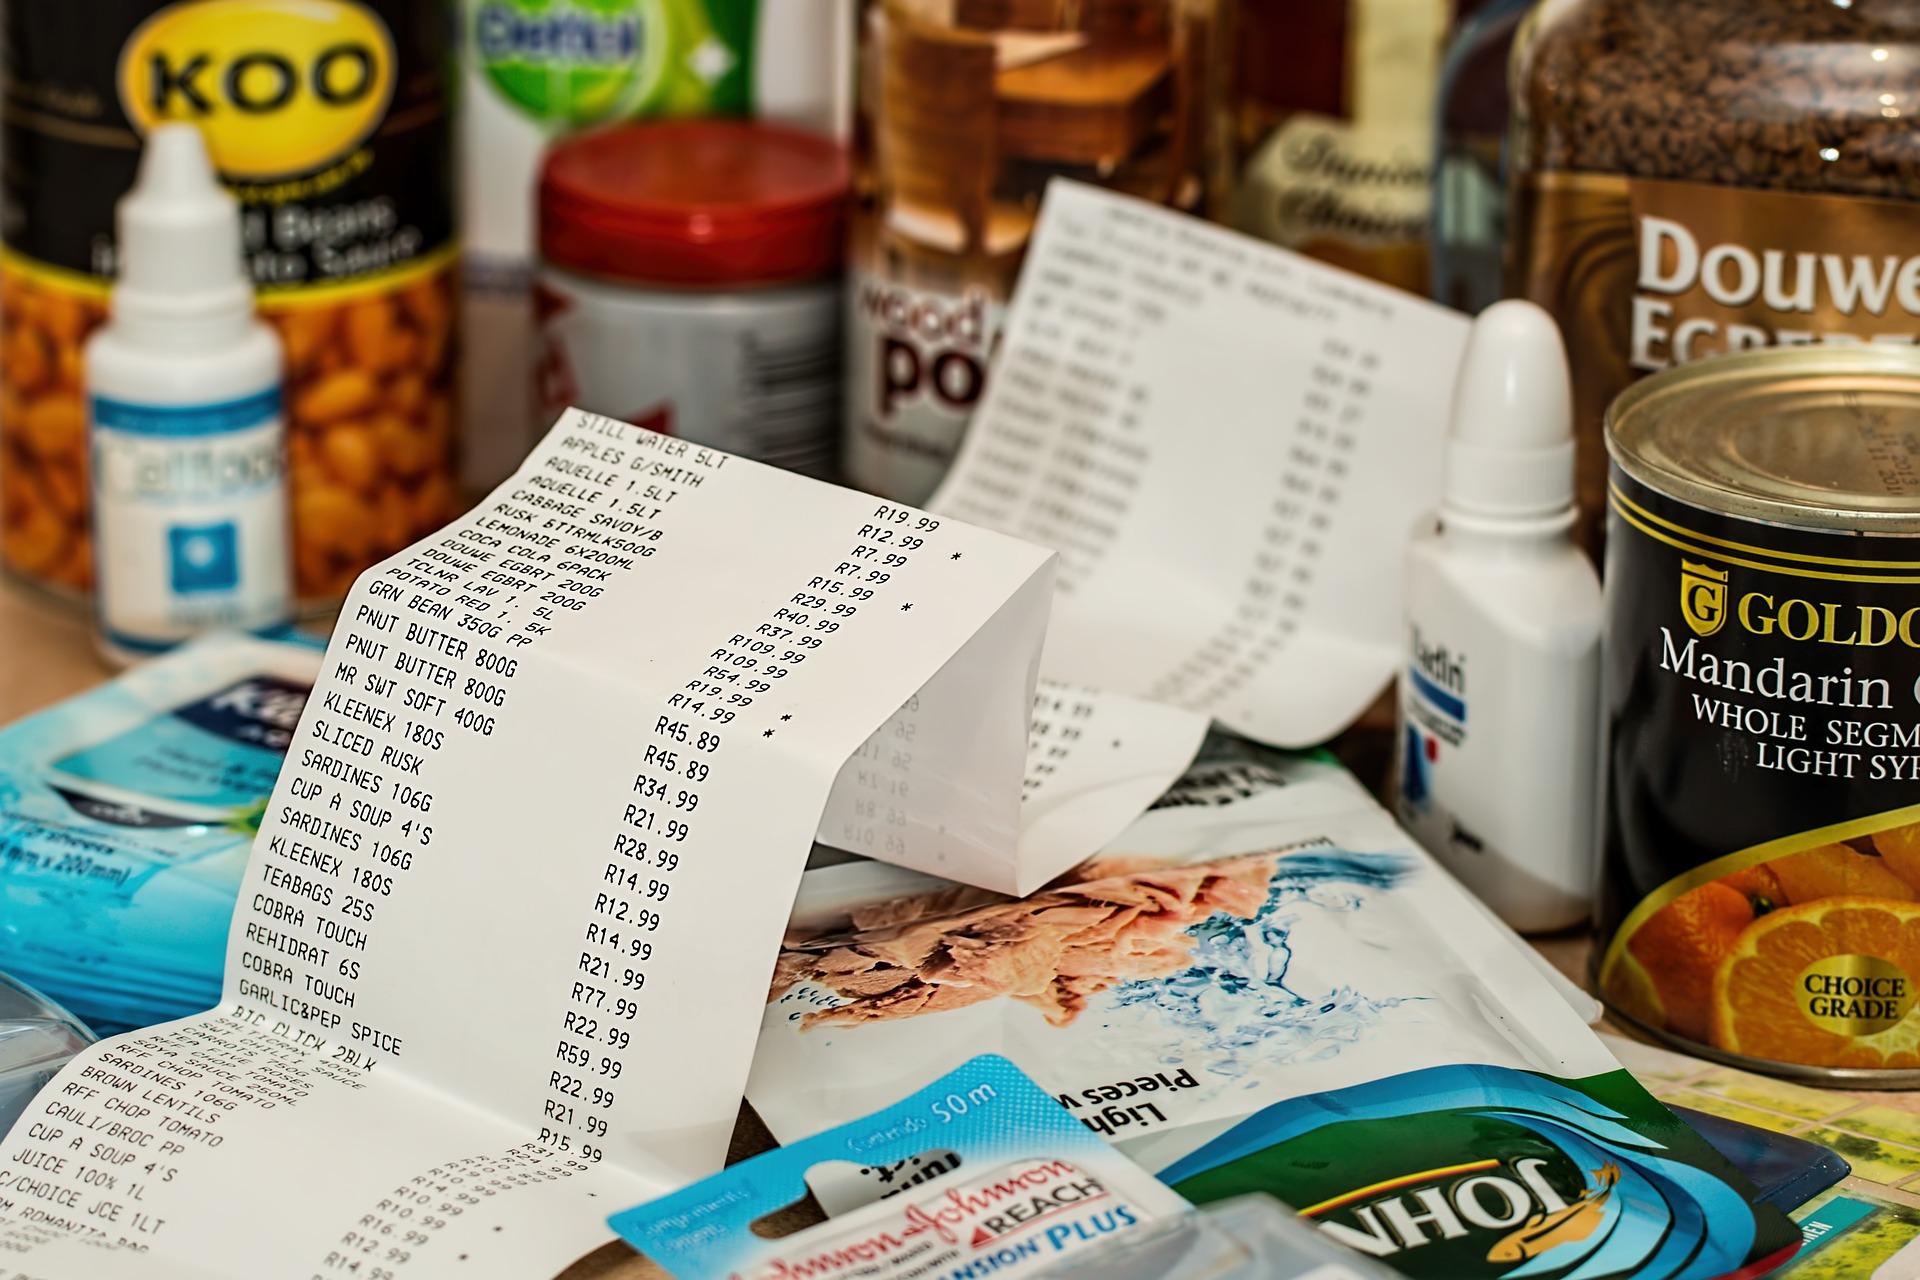 Imagem mostra um enorme recibo junto com embalagens de comida.